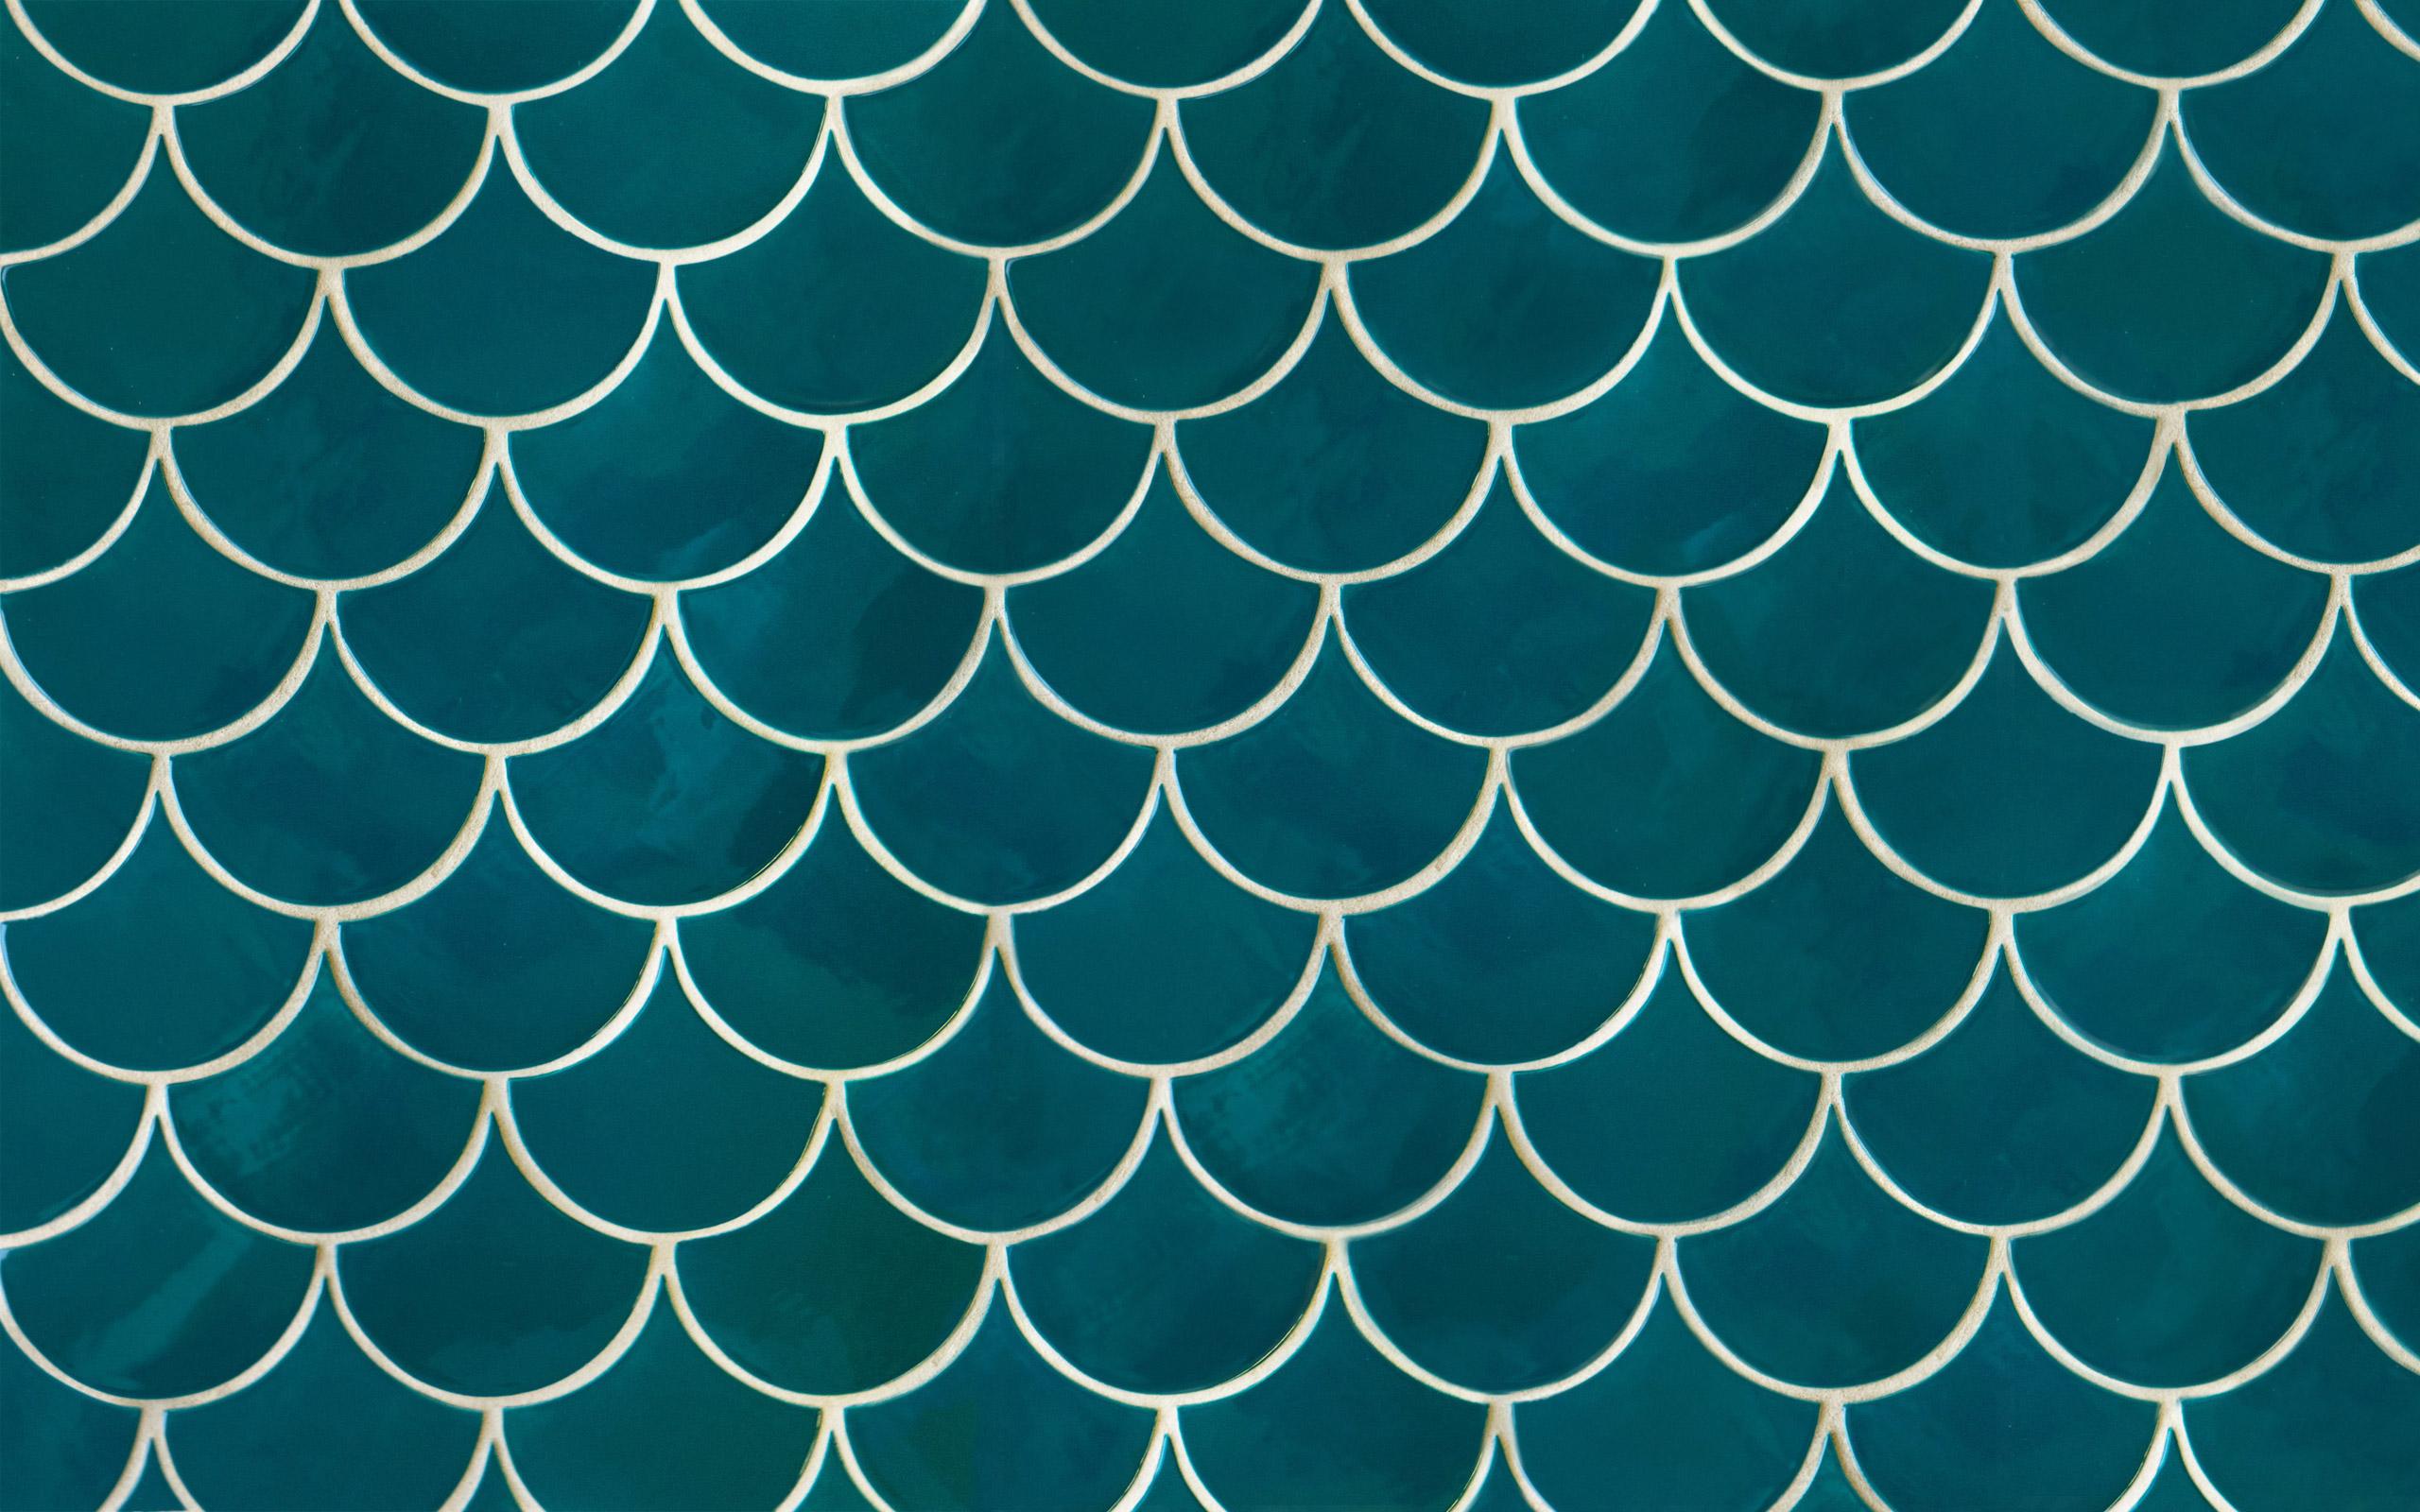 Free Desktop Wallpaper Fall Season Moroccan Backgrounds Pixelstalk Net